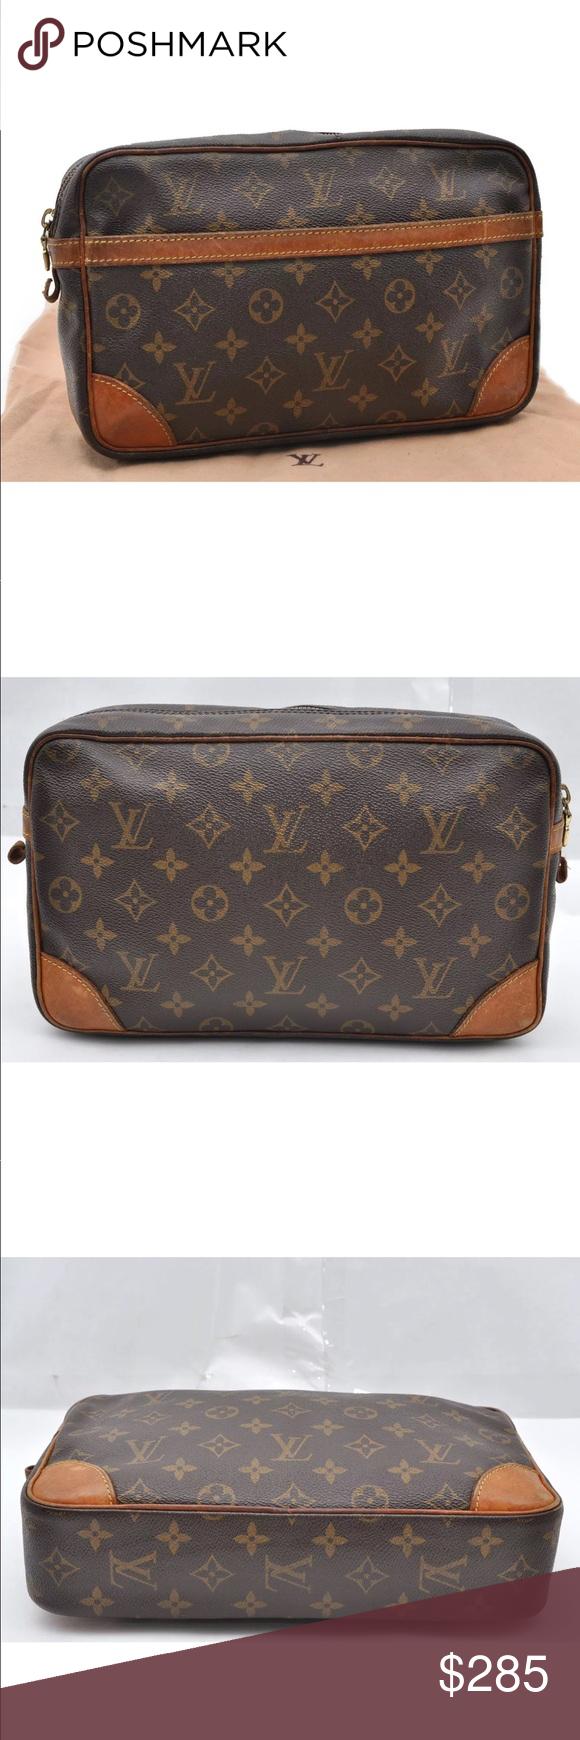 742a3b5d395d Auth Louis Vuitton Monogram Compiegne 28 Clutch Auth Louis Vuitton Monogram  Compiegne 28 Clutch Hand Bag